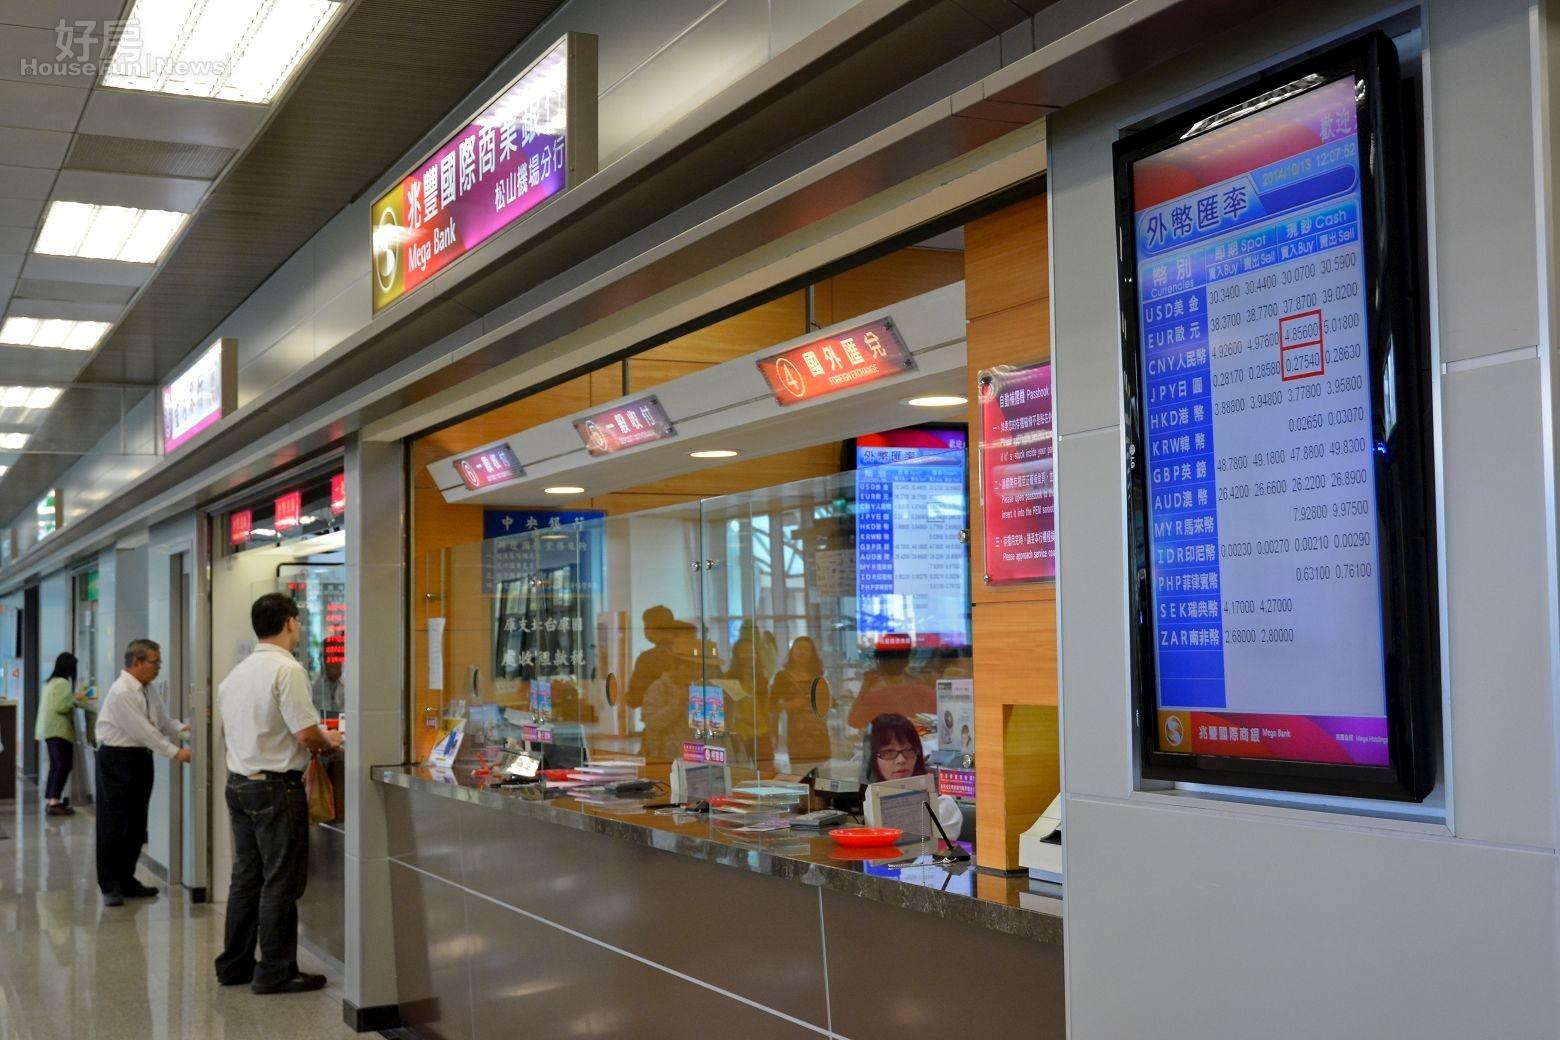 銀行櫃台冷清清情境圖。(好房網News記者 陳韋帆/攝影)